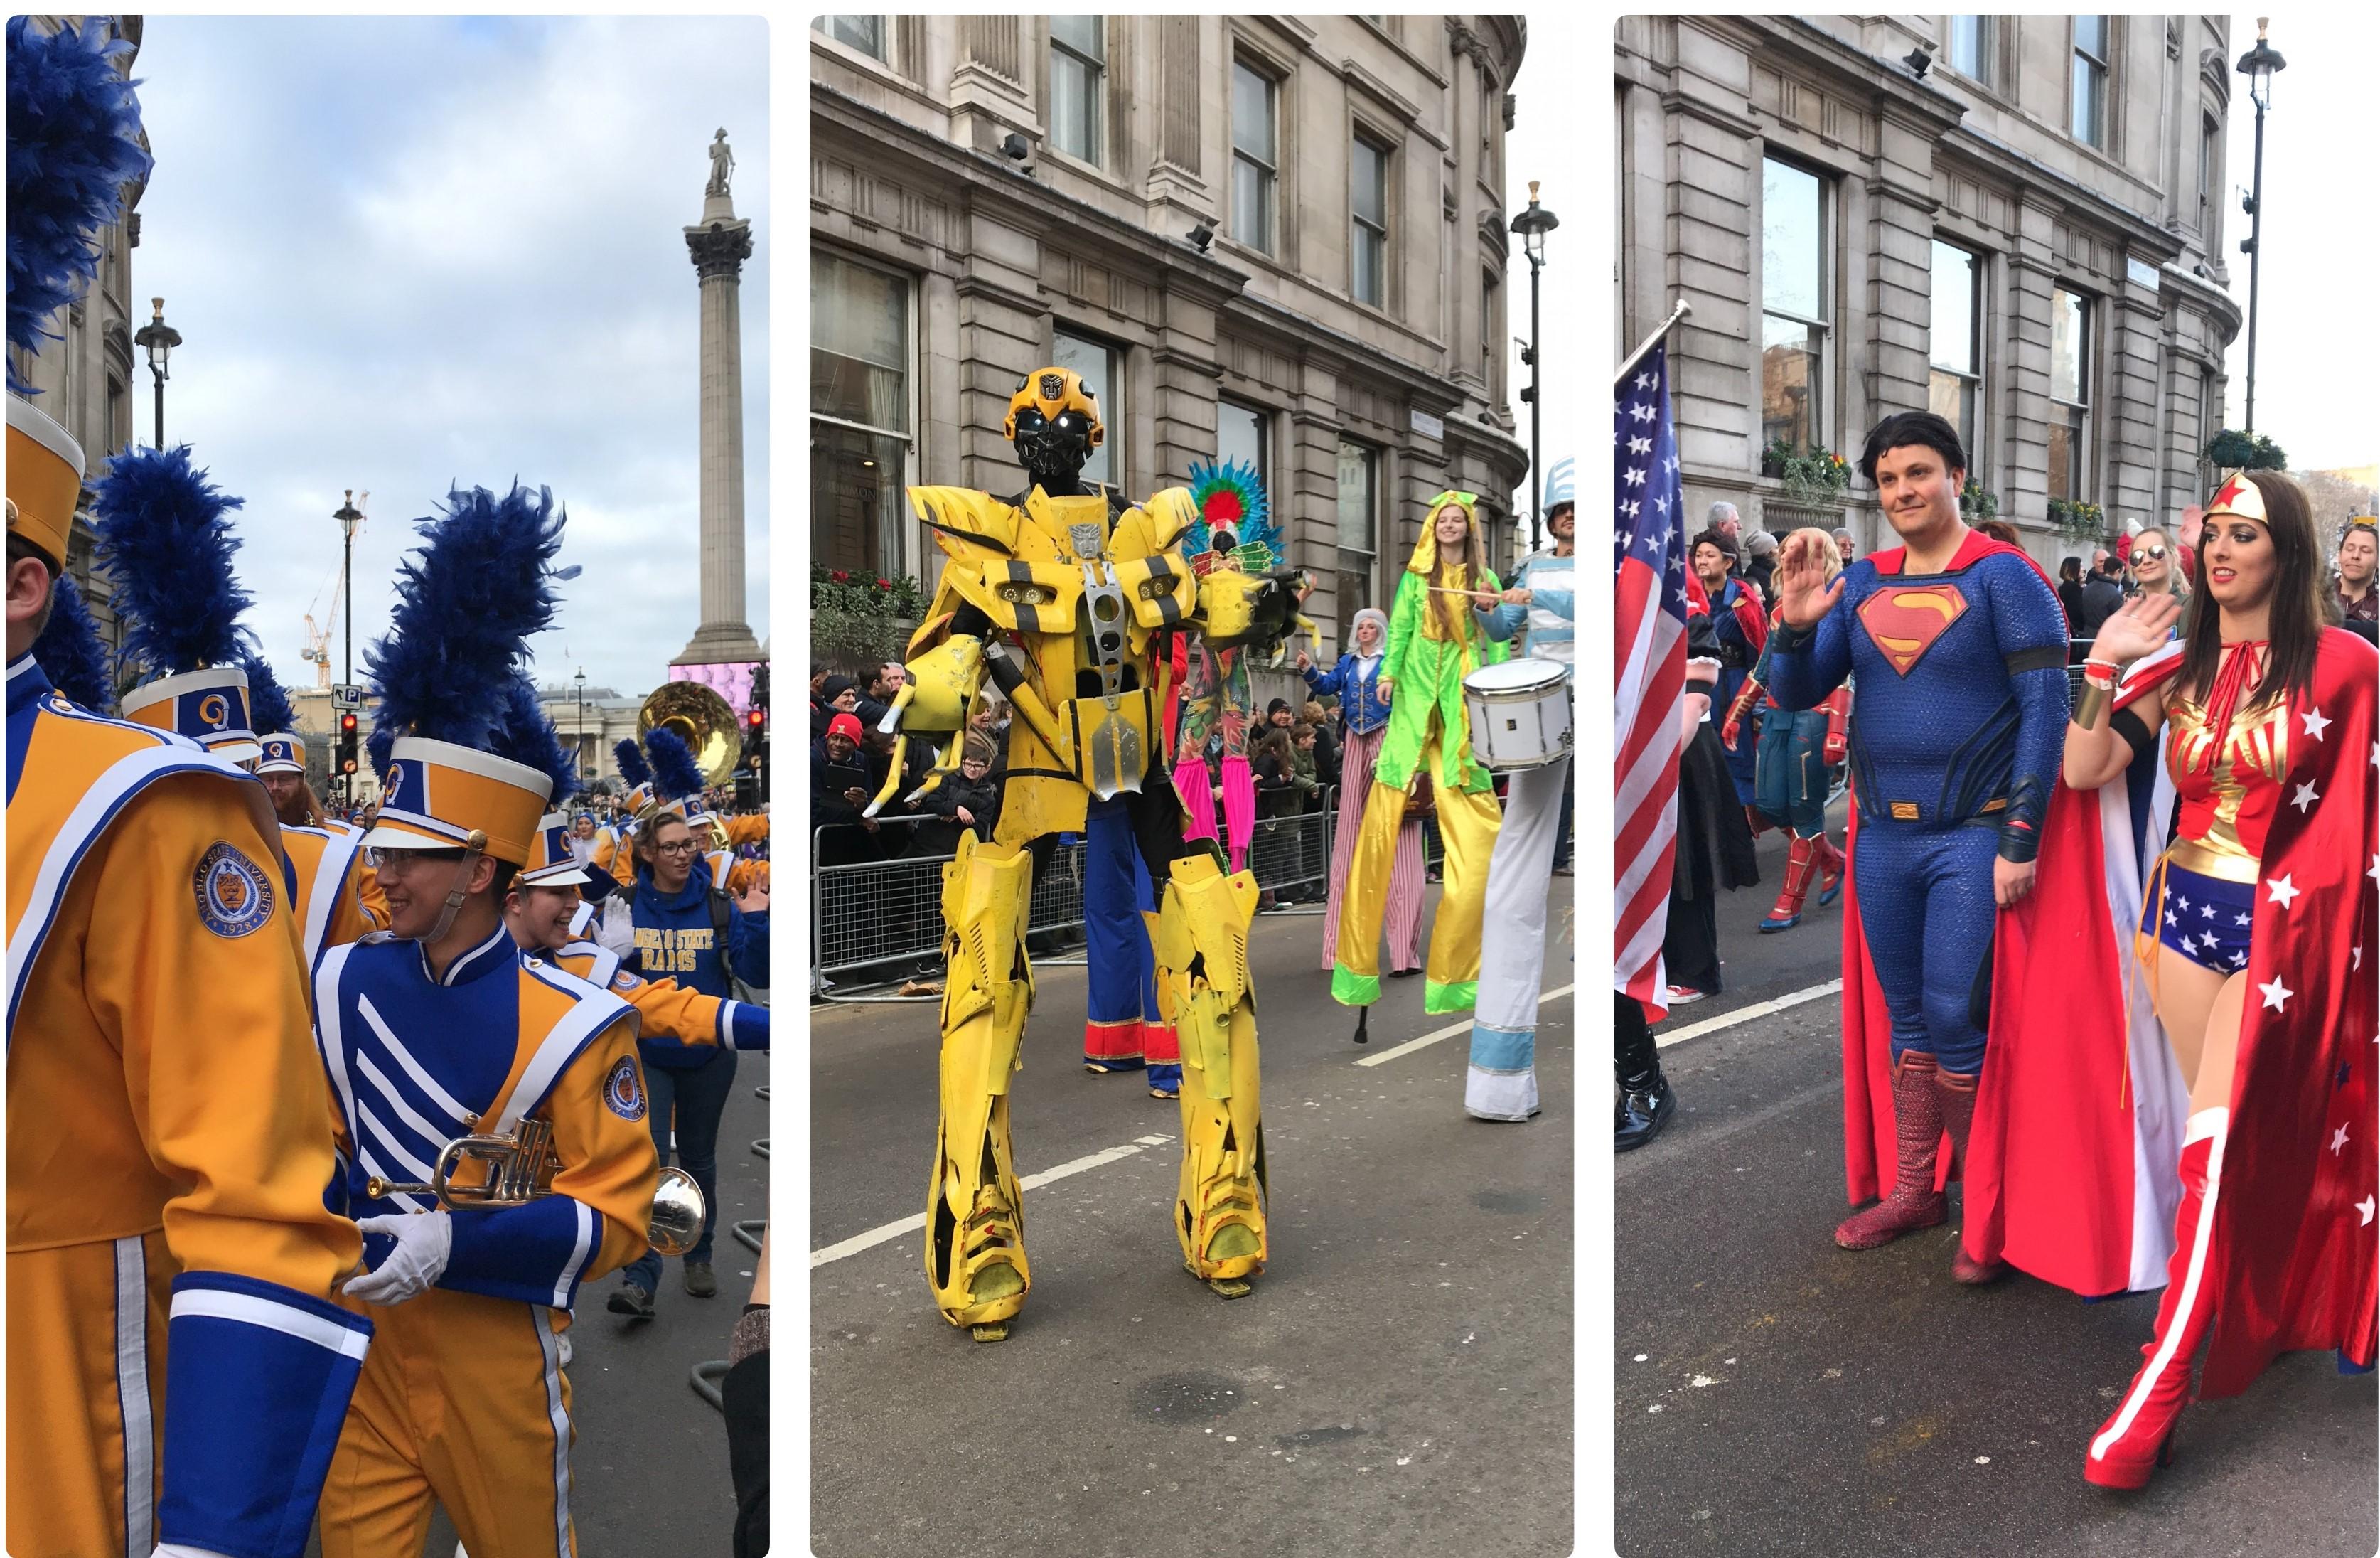 Défilé du jour de an Londres